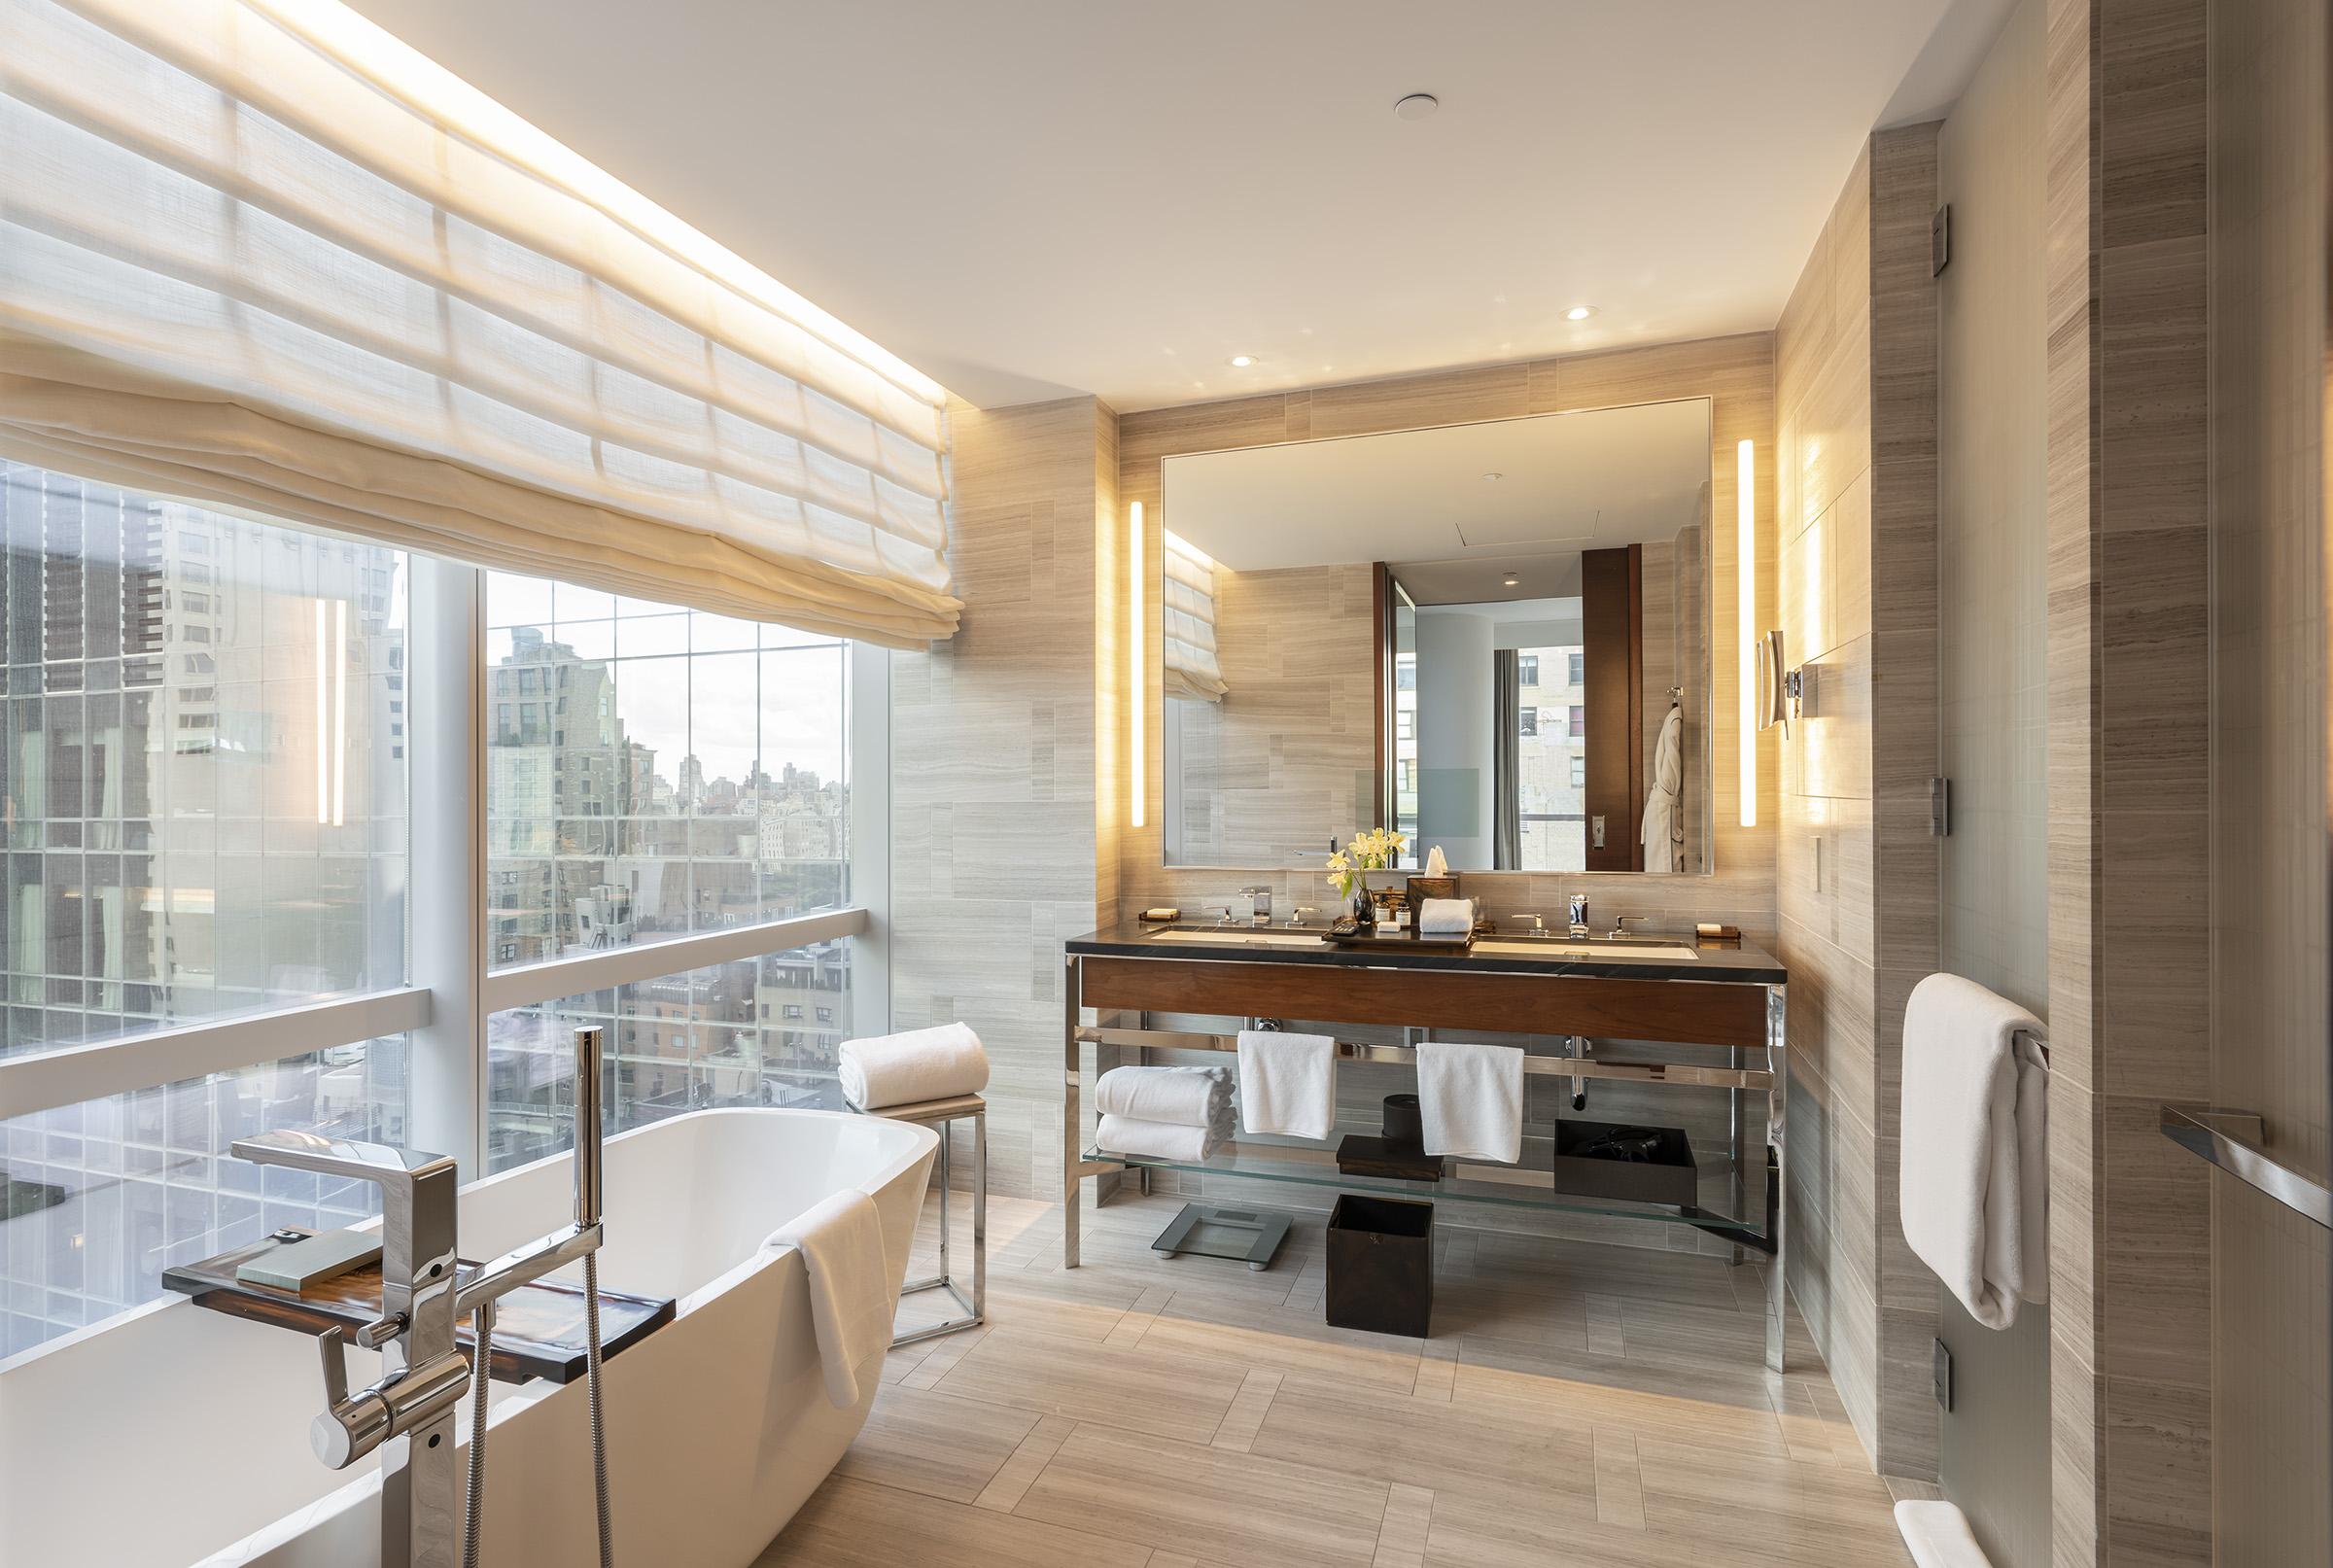 Bathroom of the 1 Bedroom City View Suite, in Park Hyatt New York